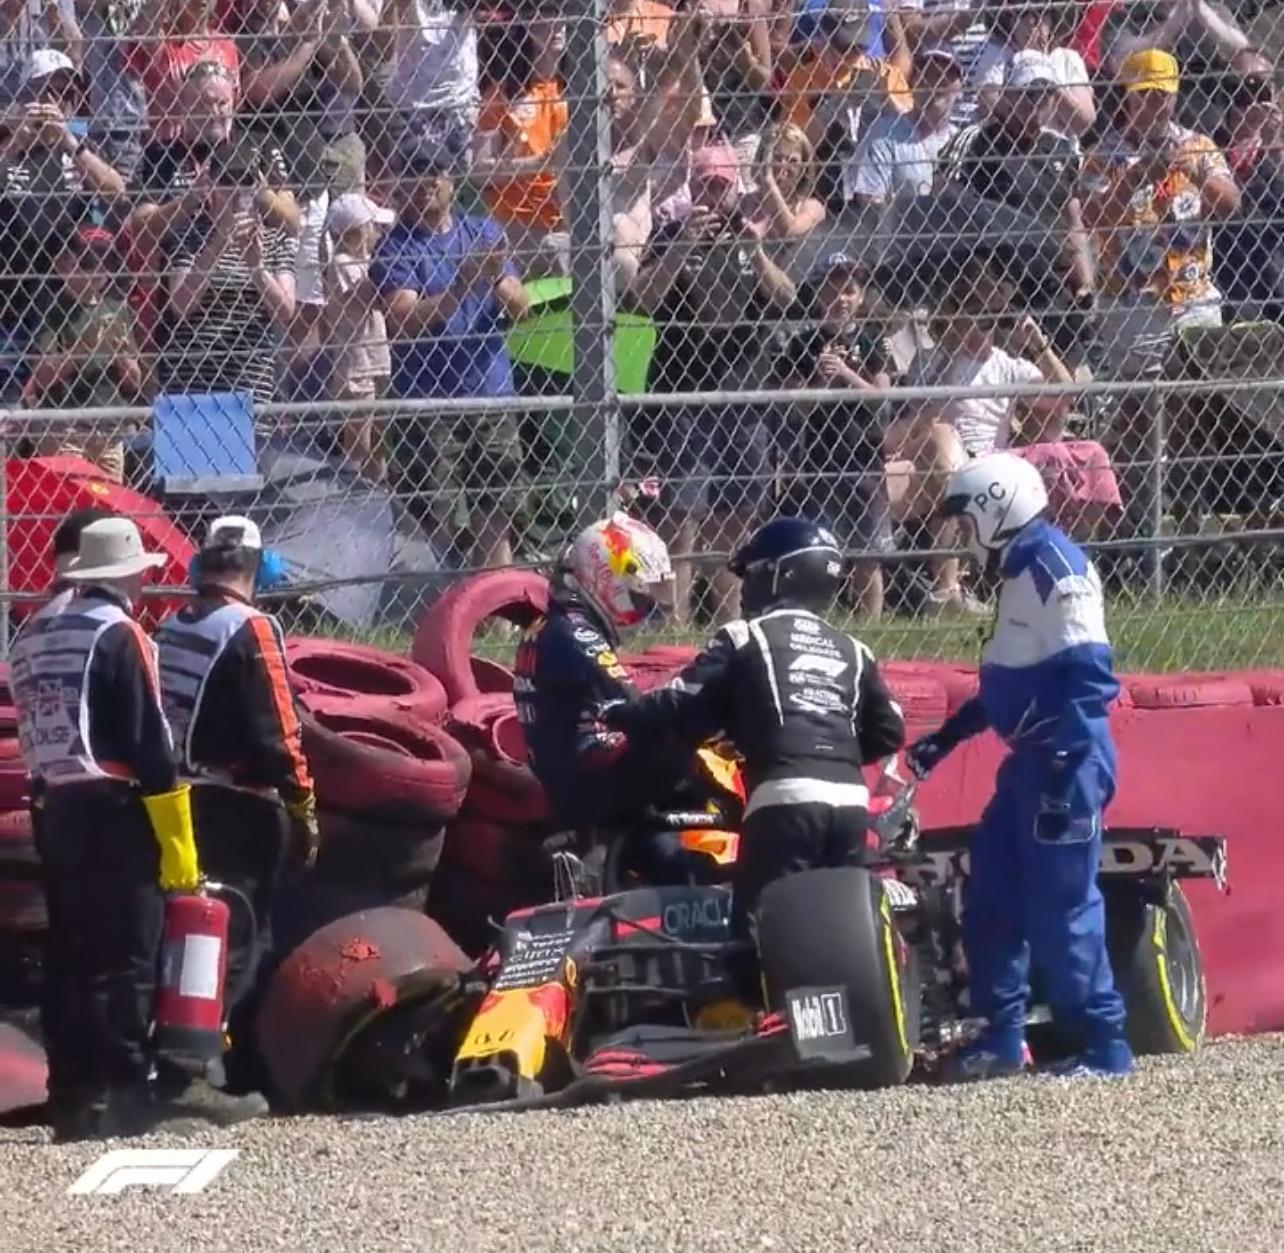 Verstappen sale del coche tras su brutal impacto en Copse.